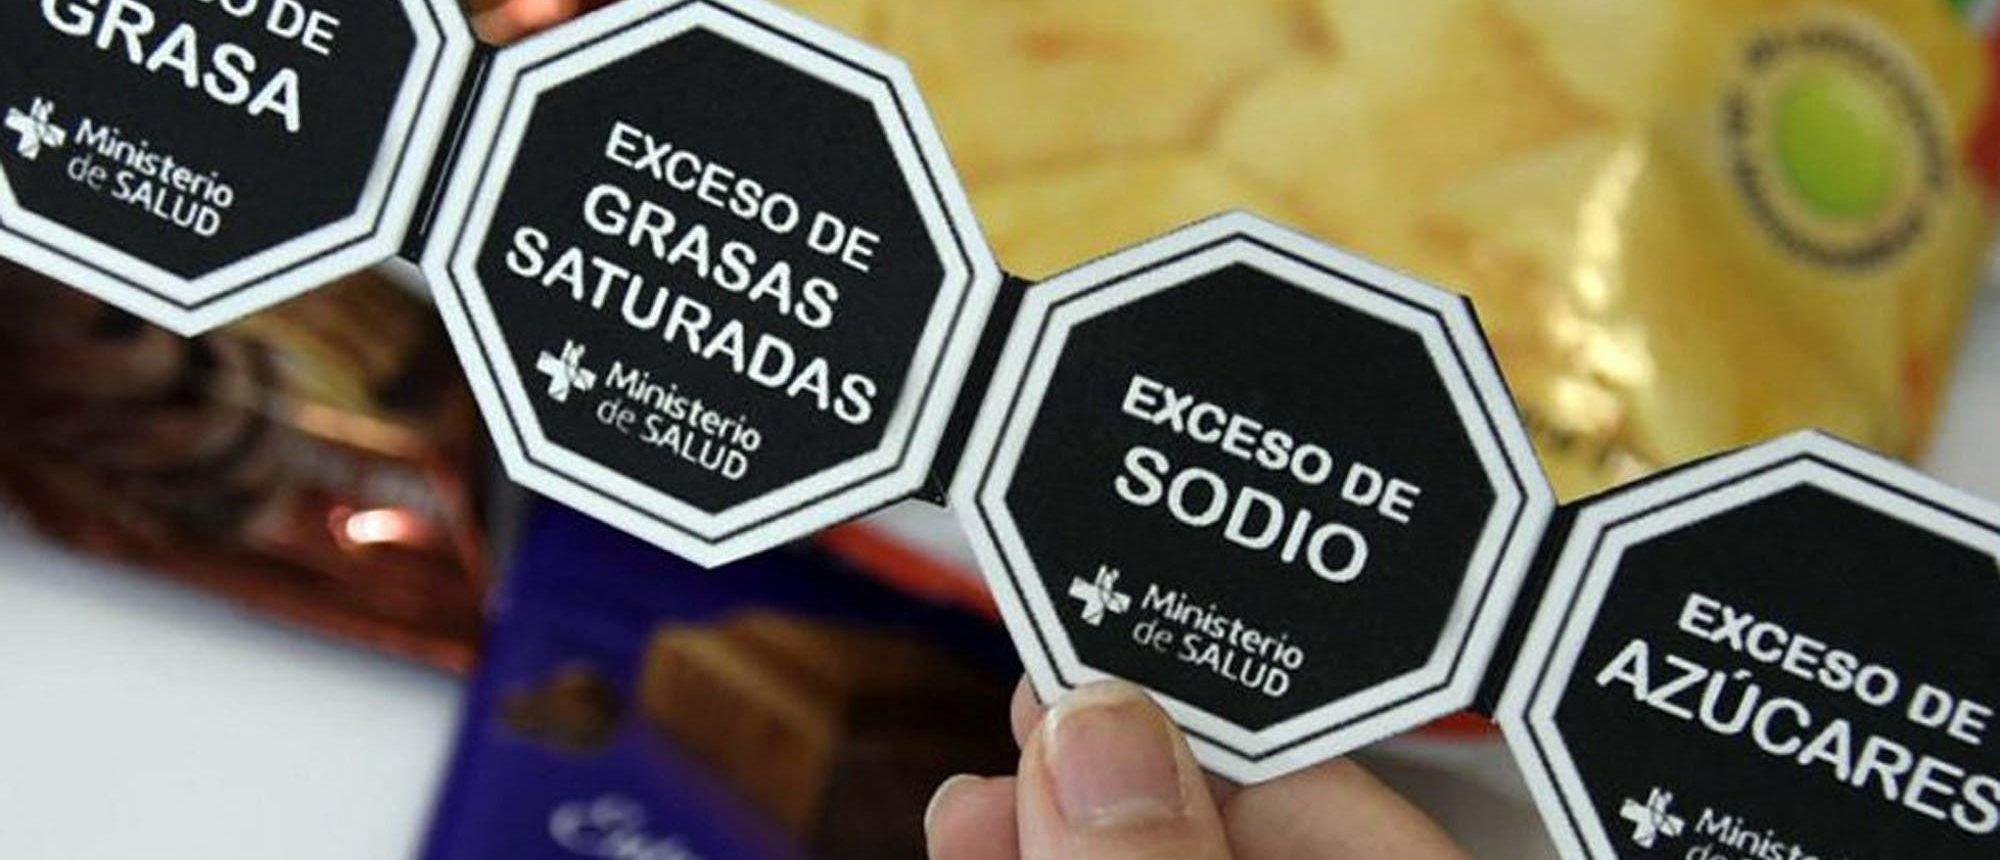 Qué pasó en otros países de América Latina donde ya rigen leyes de etiquetado frontal de alimentos